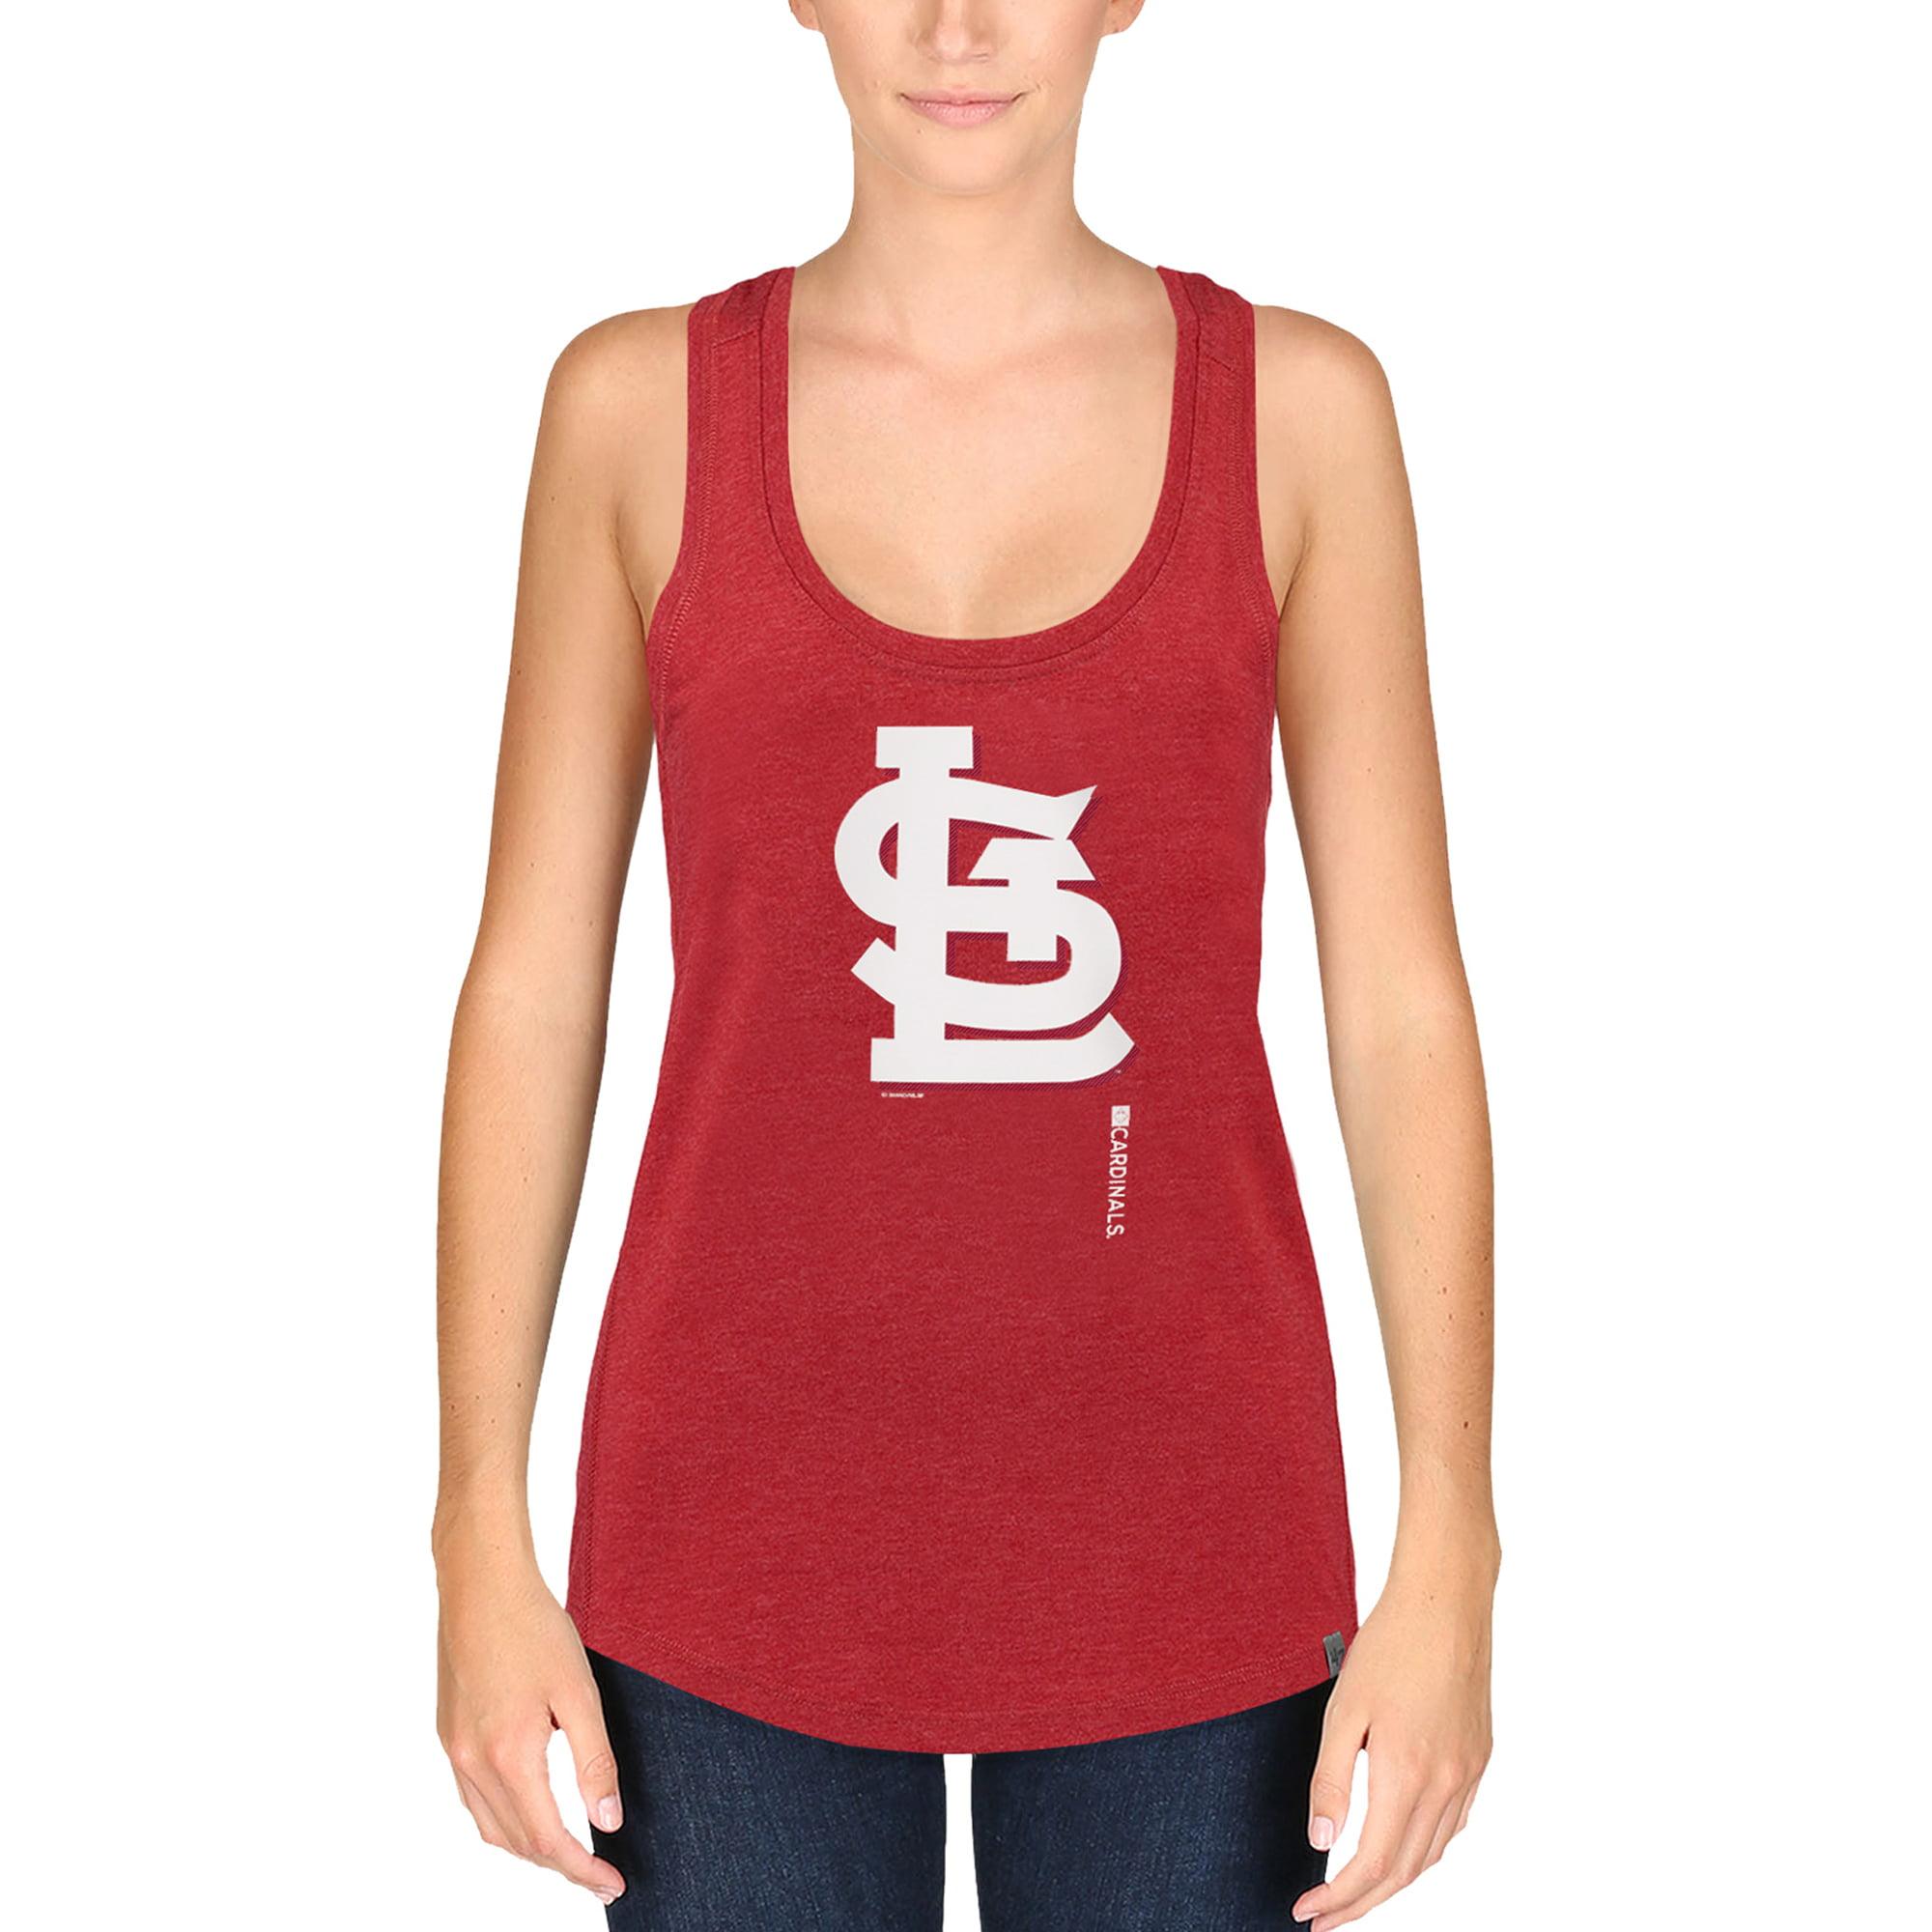 St. Louis Cardinals '47 Women's High Point Tank Top - Red